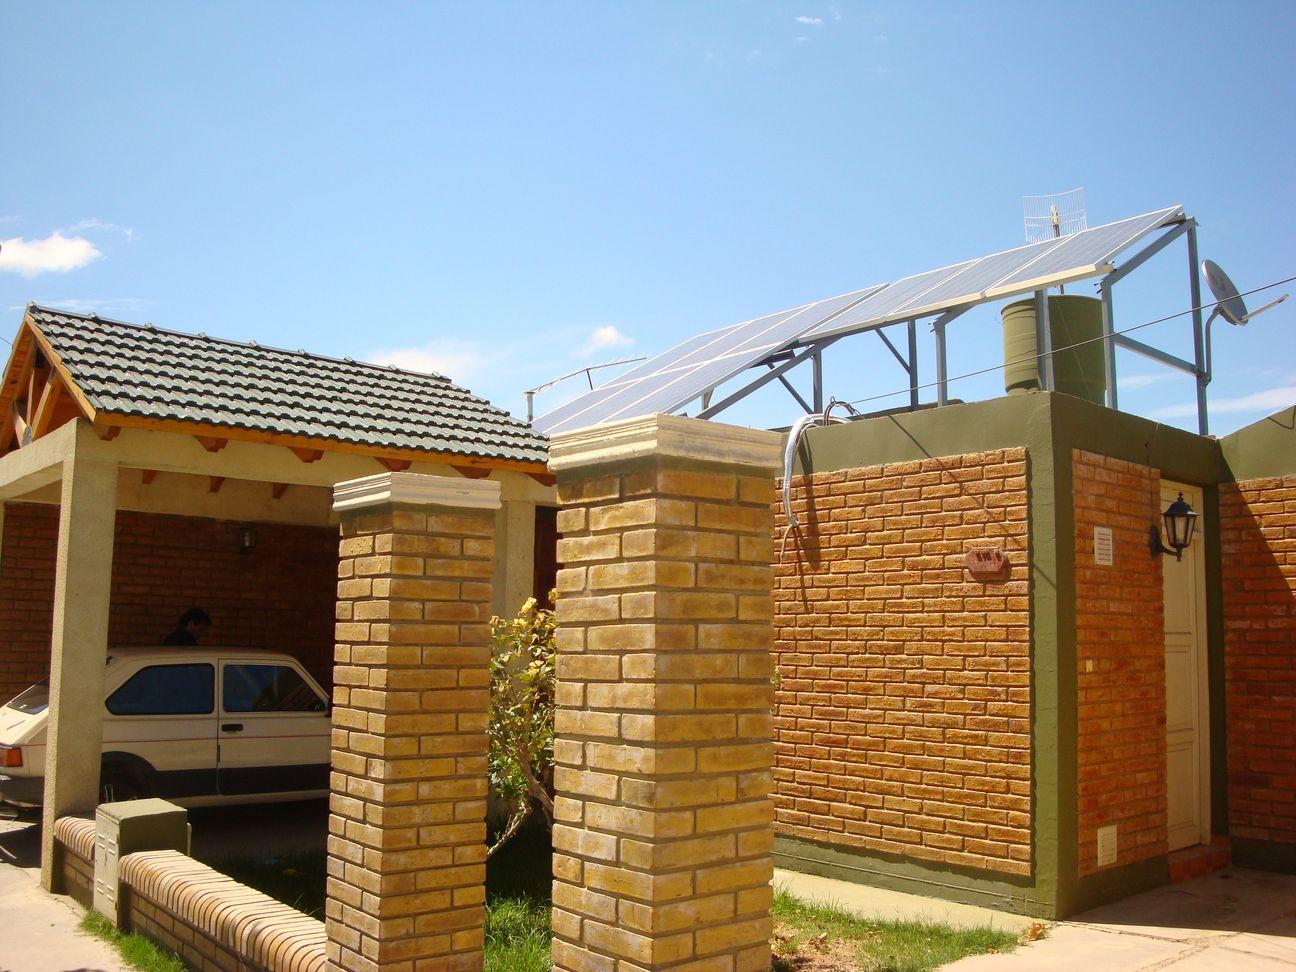 Inserción de Energía Solar Fotovoltaico Conectada a Red como Generación Distribuida en el Sector Residencial.